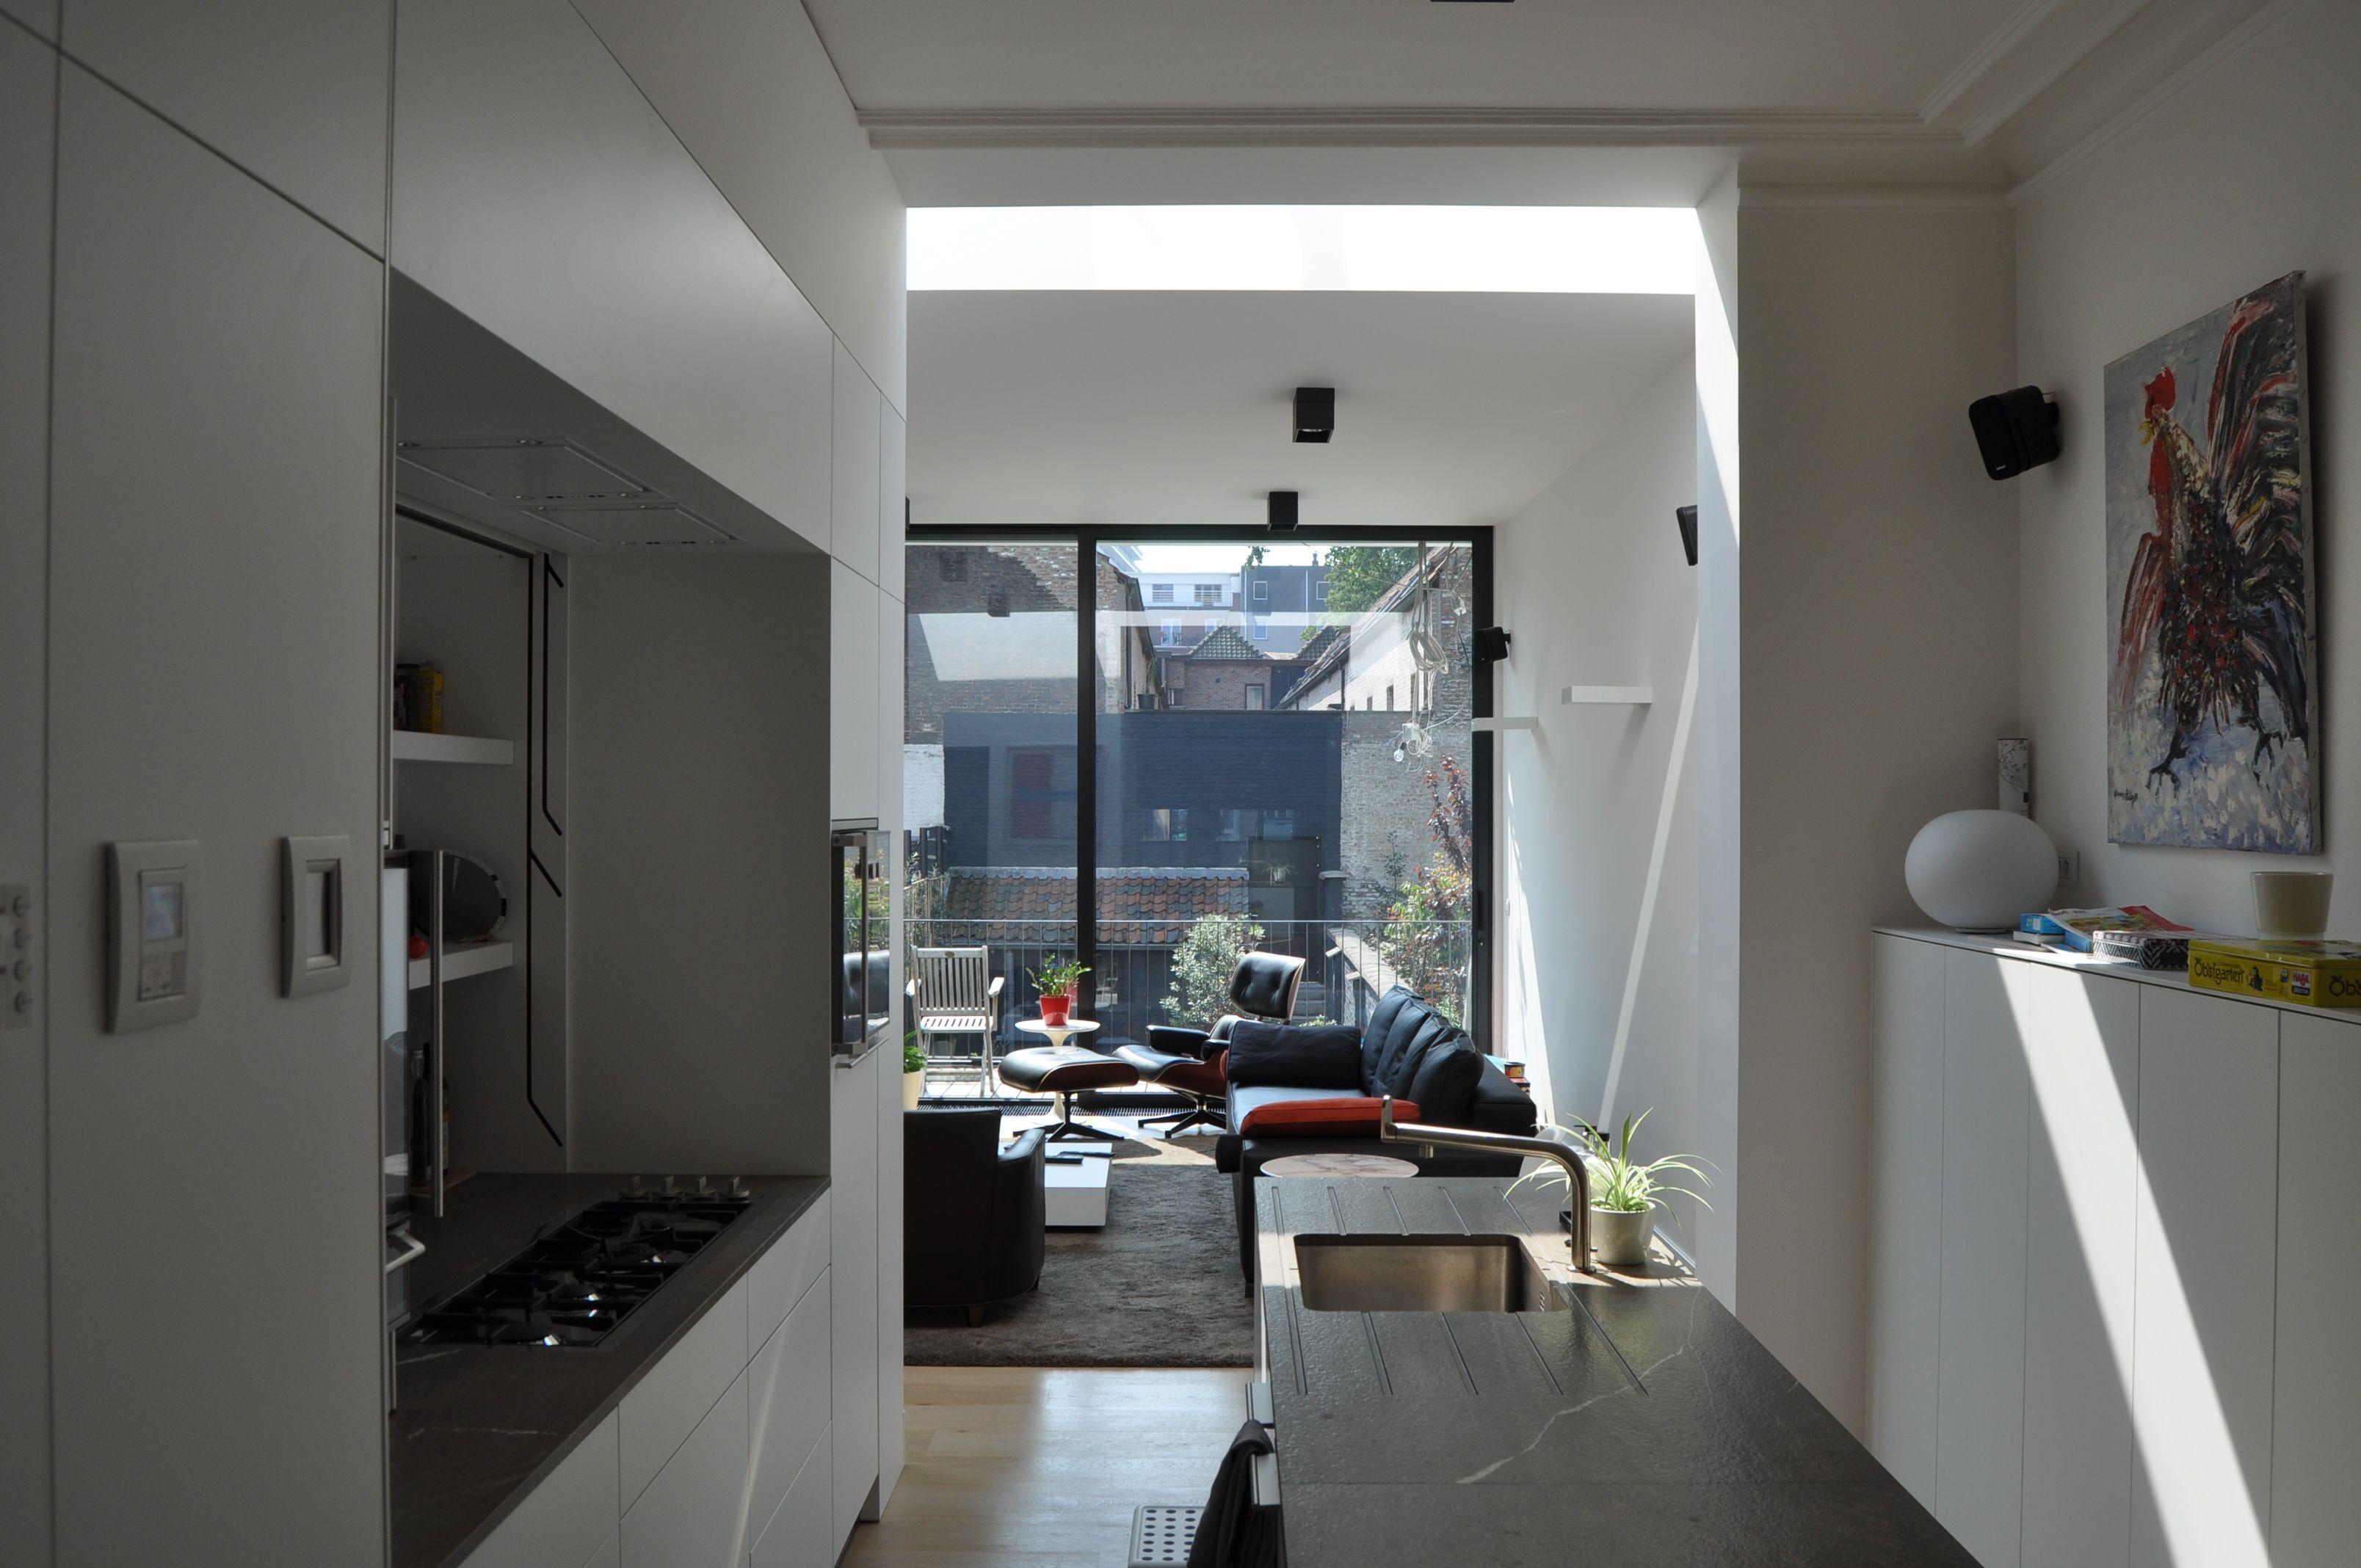 interieur verbouwing herenhuis rijwoning te gent On interieur design gent